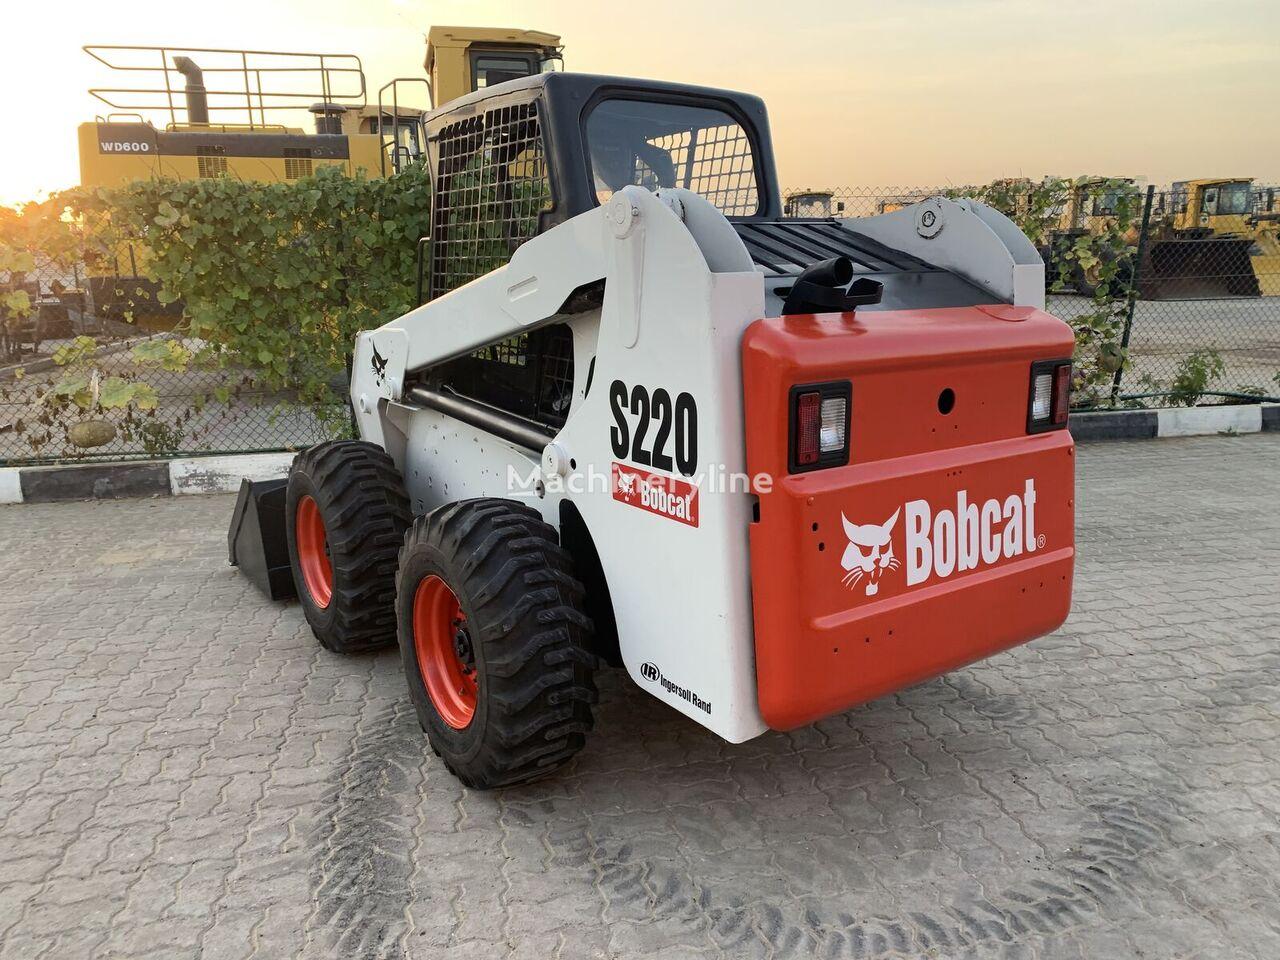 new BOBCAT S220 skid steer